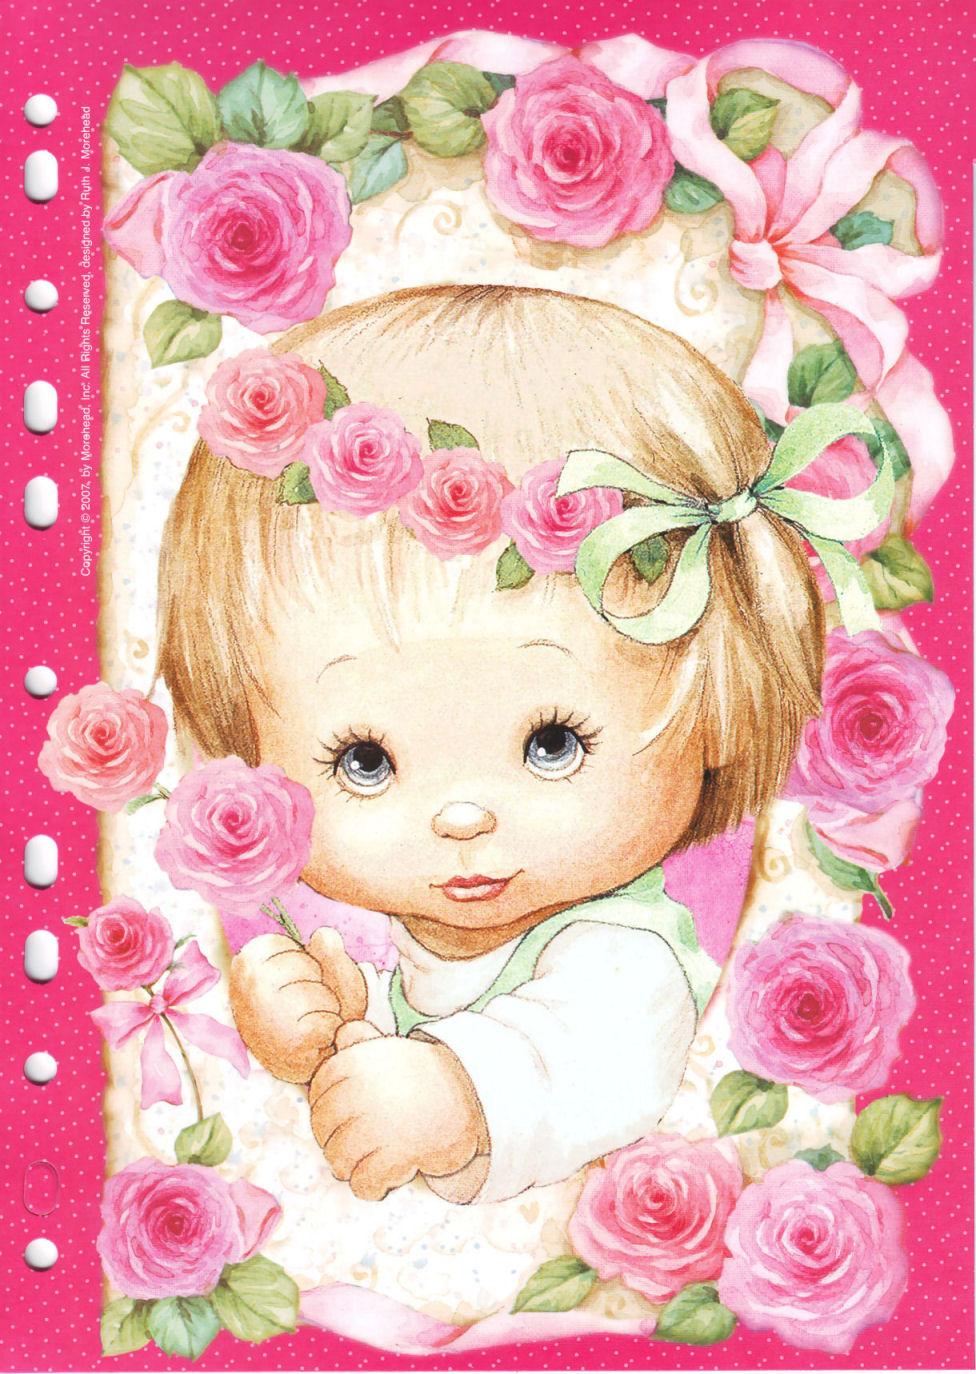 Фото открытки с красивыми детьми